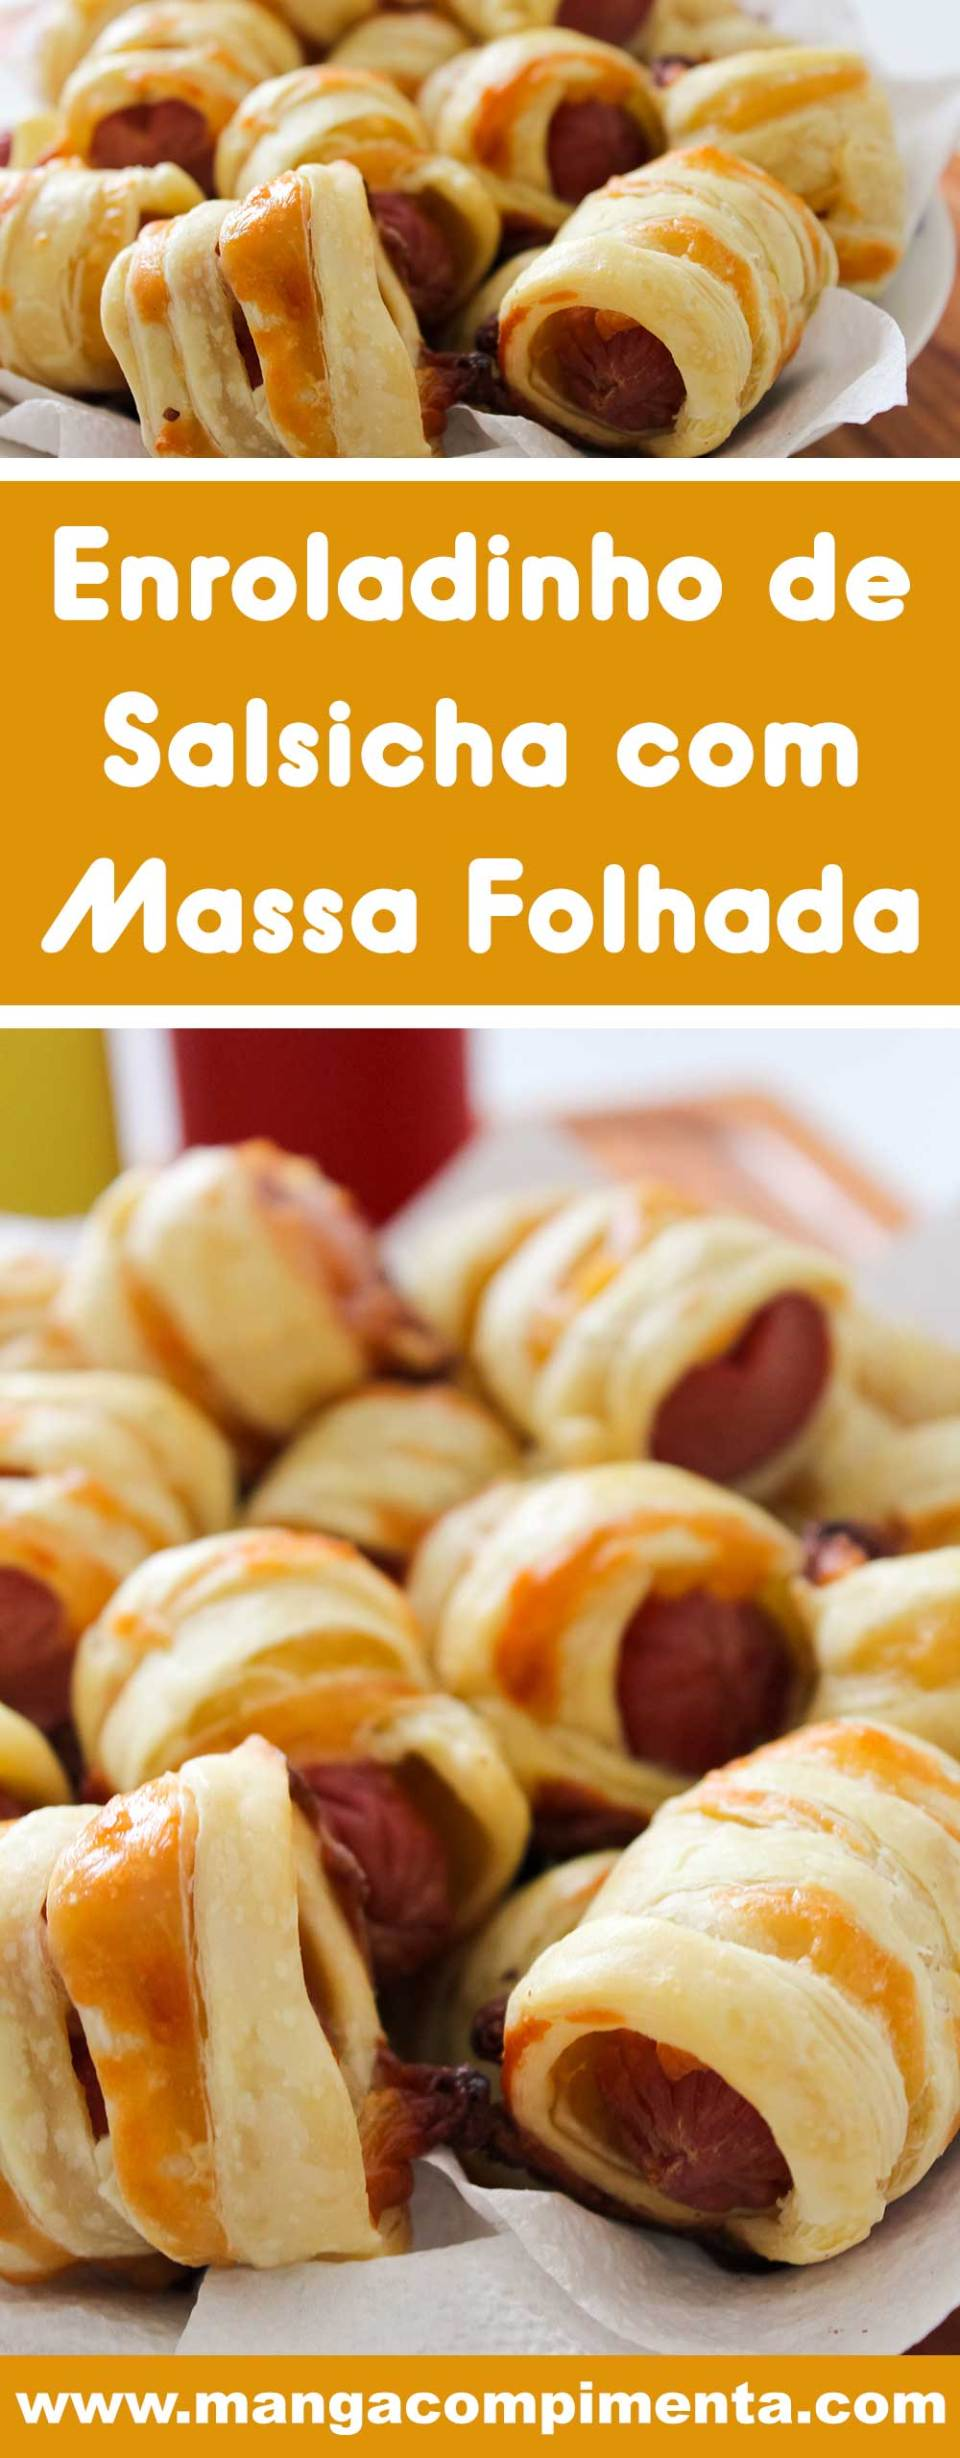 Receita de Enroladinho de Salsicha com Massa Folhada - um petisco delicioso para servir em festas ou para o lanche da tarde com os amigos.